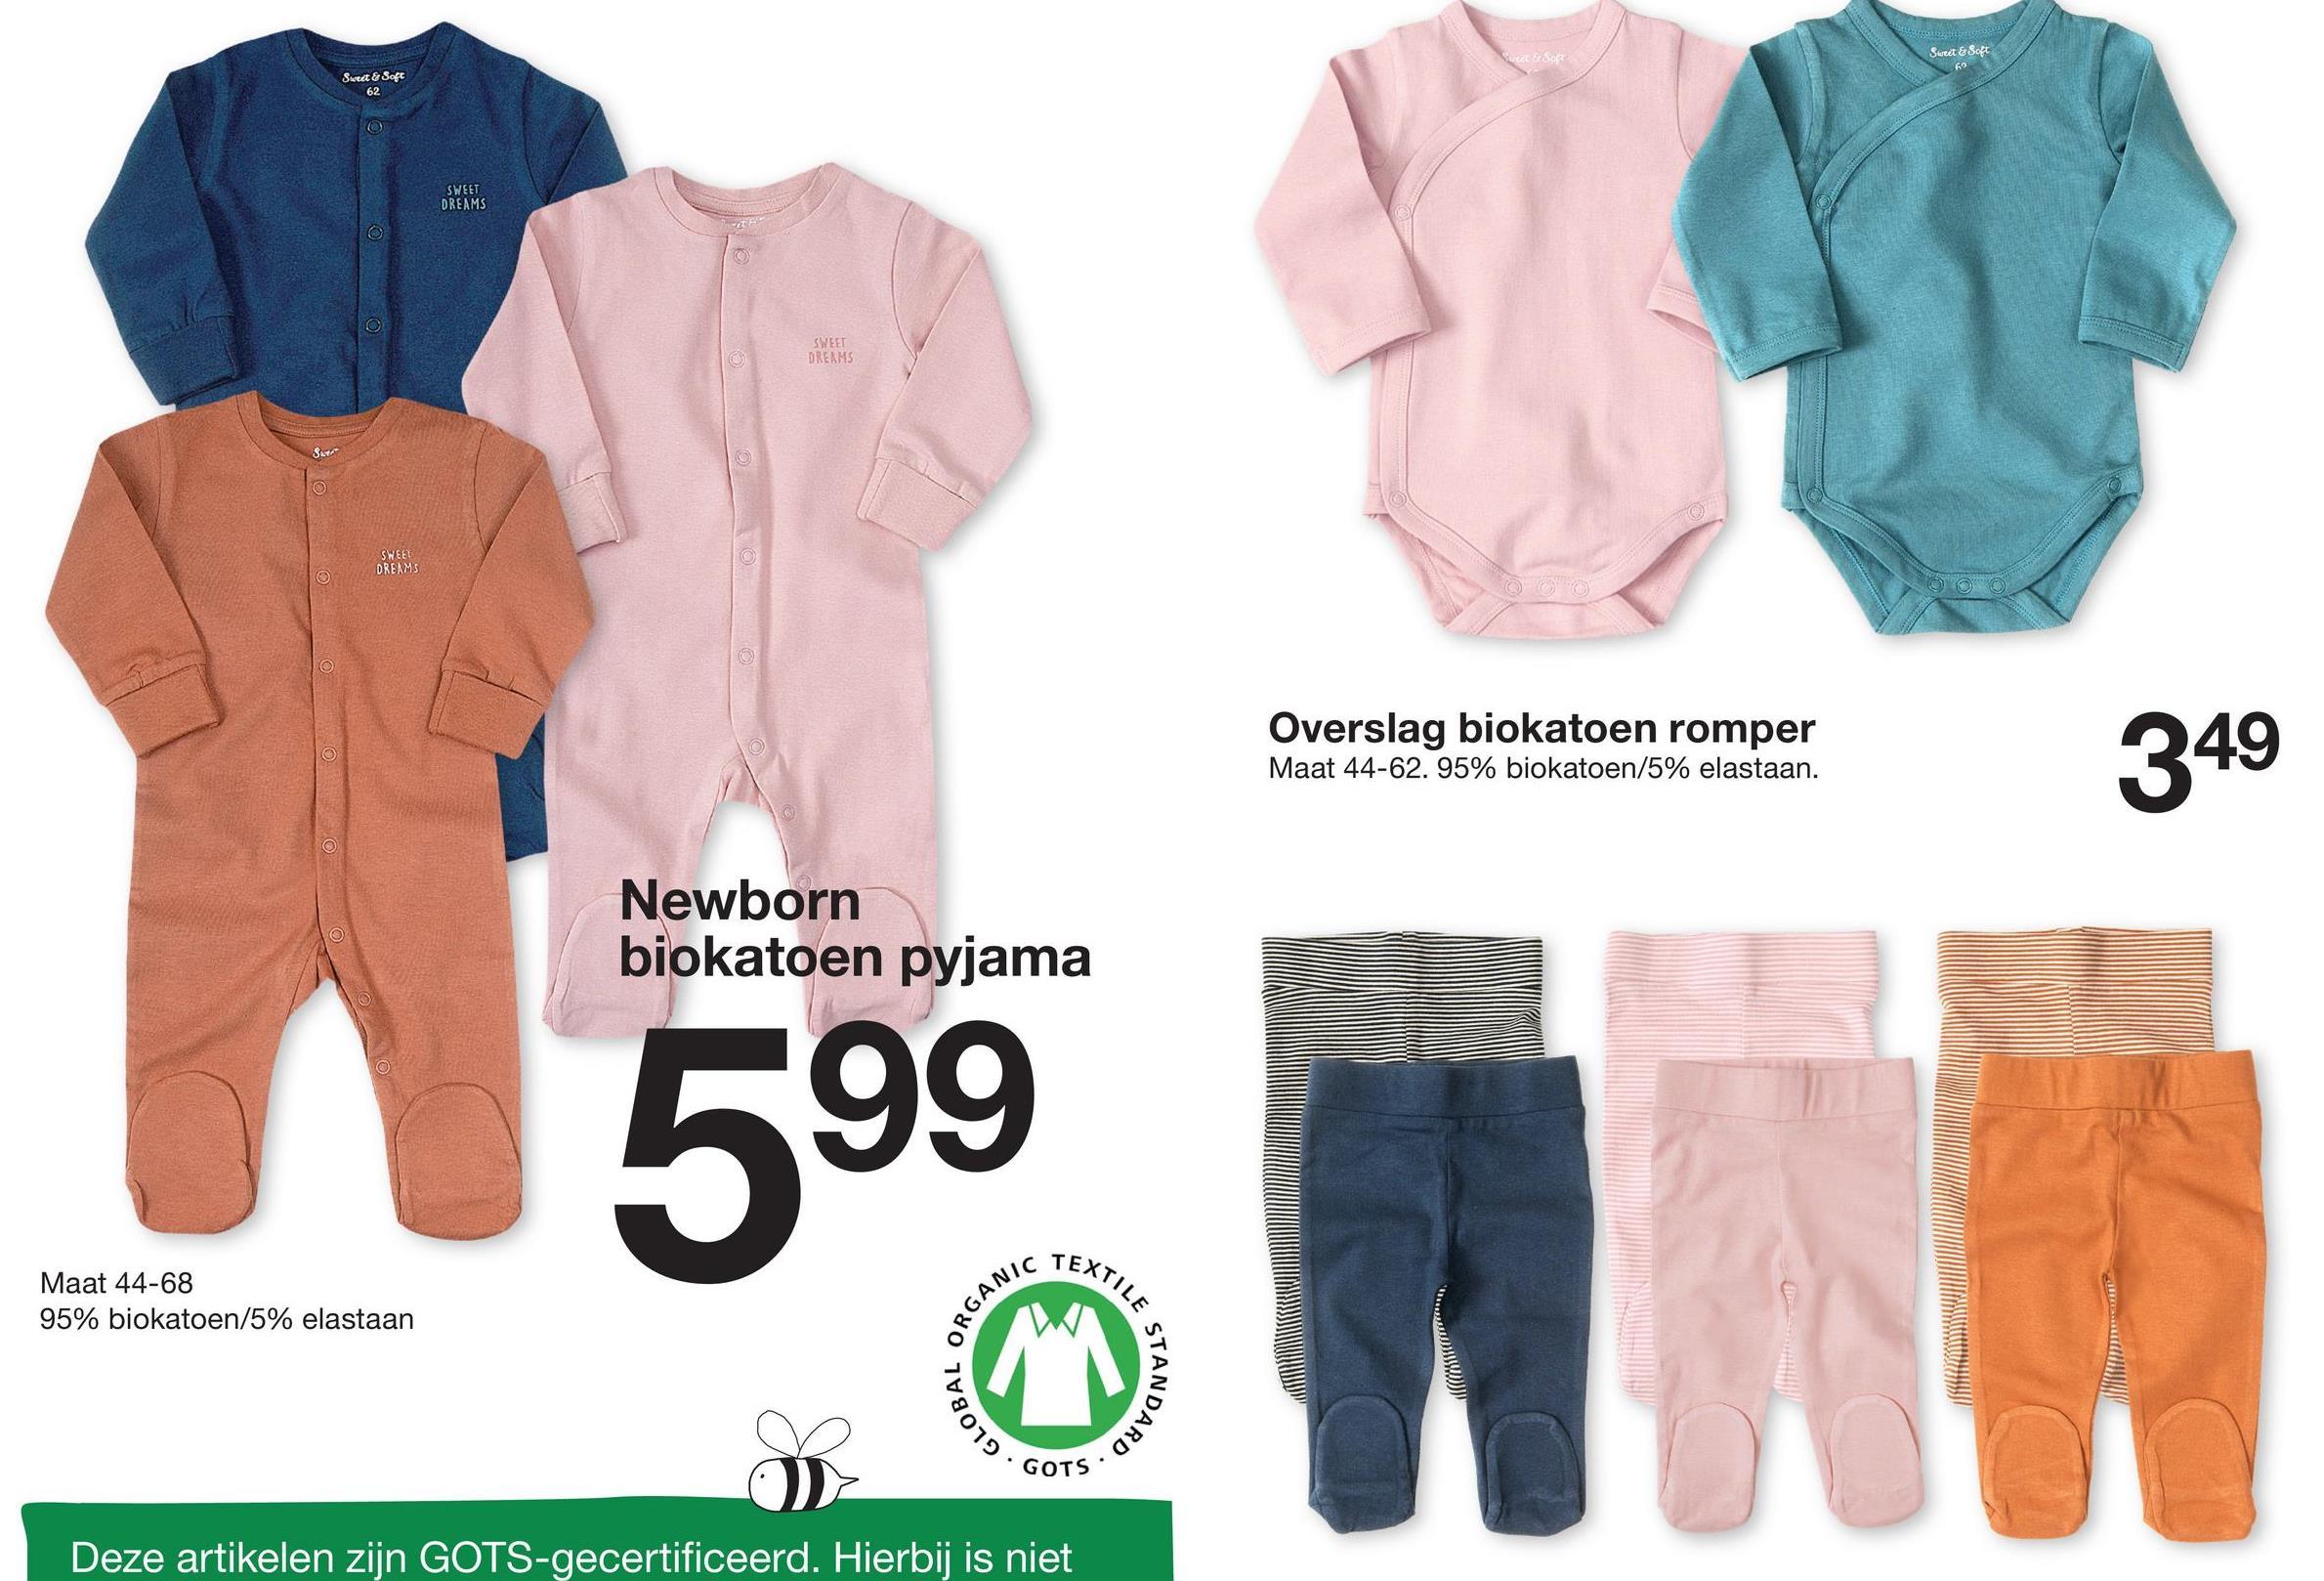 """Sweet & Soft KESOR Sweet & Soft 62 SWEET DREAMS SWEET DREAMS SWEET DREAMS CARLES Overslag biokatoen romper Maat 44-62. 95% biokatoen/5% elastaan. 349 Newborn biokatoen pyjama 599 lllllll TEXT W Maat 44-68 95% biokatoen/5% elastaan ORGAN KILE S STAND IRD"""" GLOBA gyva GOTS. Deze artikelen zijn GOTS-gecertificeerd. Hierbij is niet"""